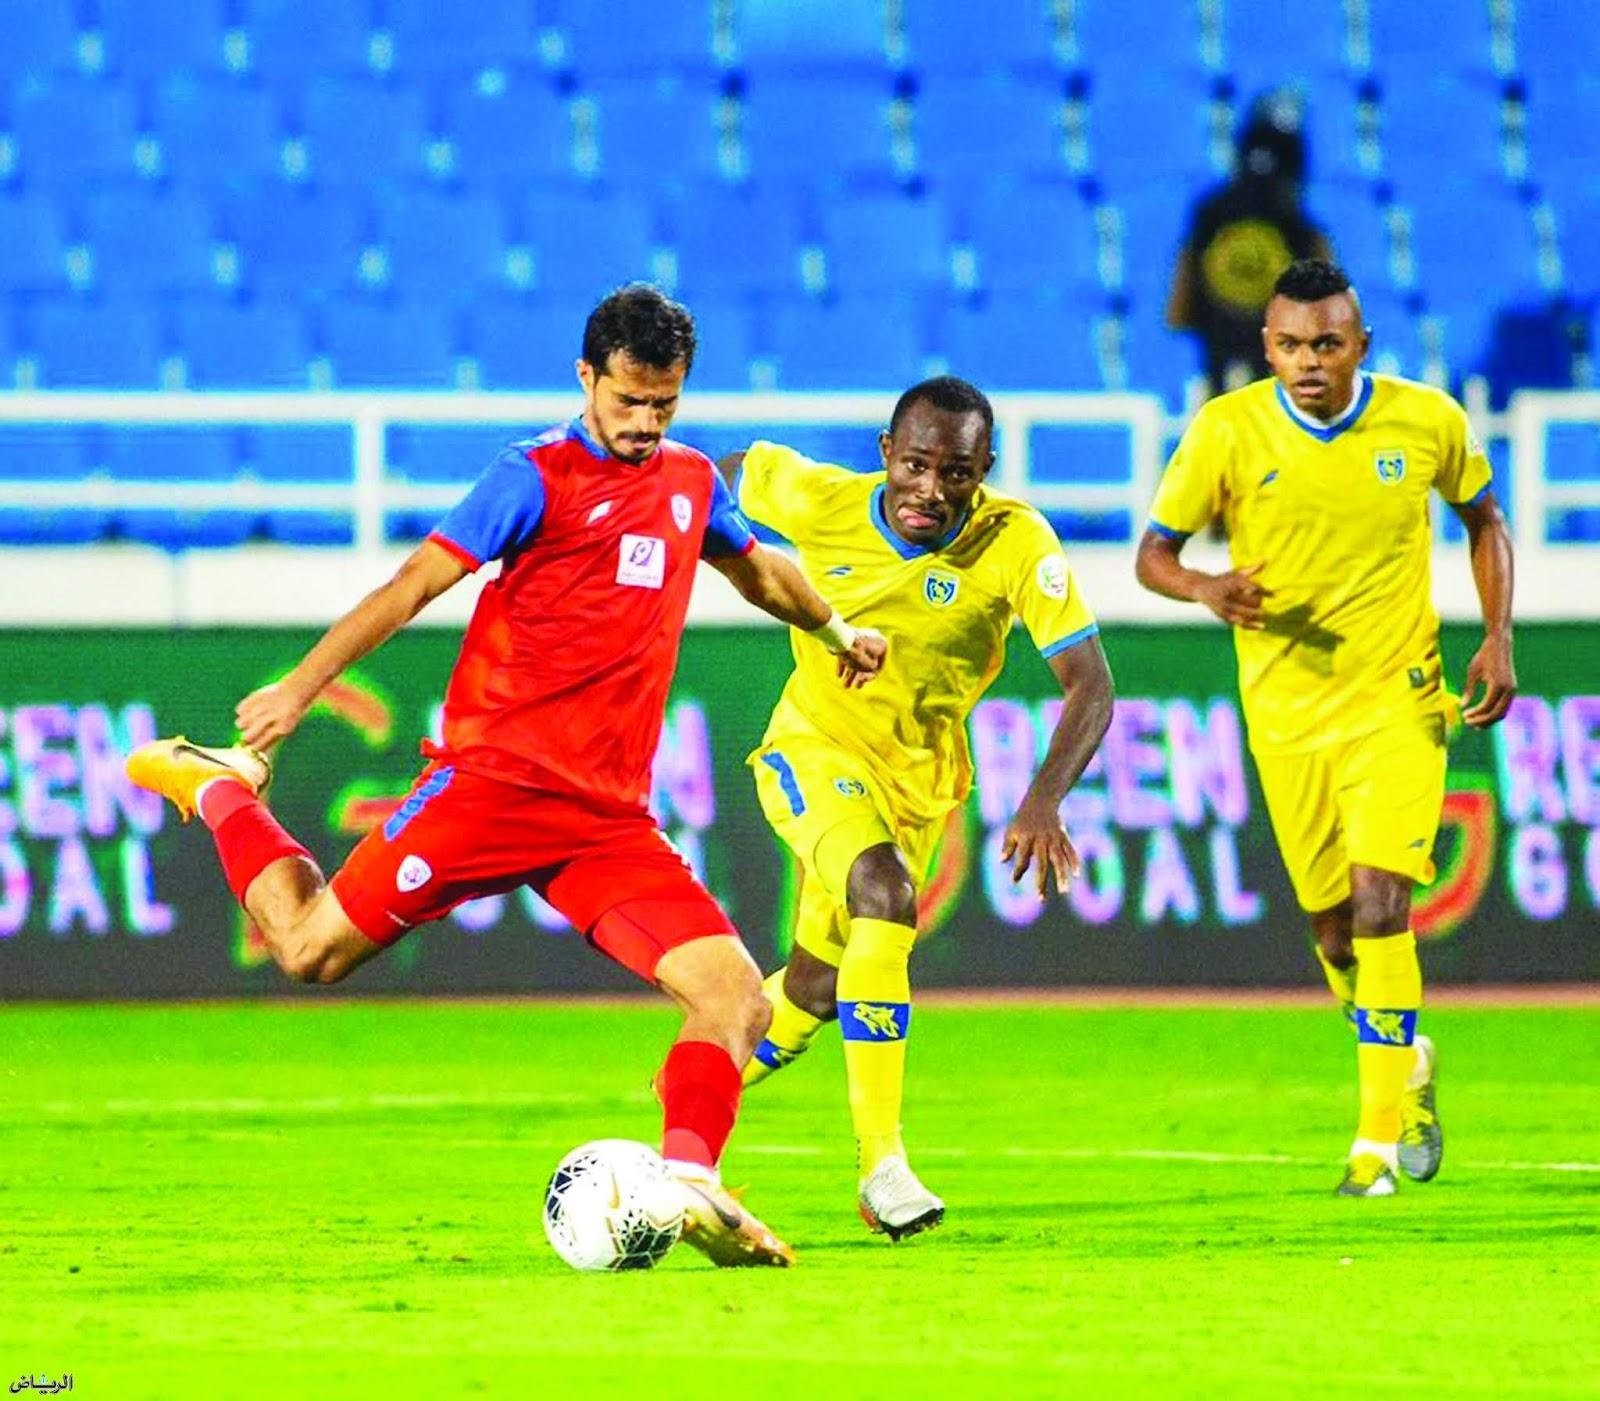 نتيجة مباراة أبها والفيصلي بتاريخ 25-01-2020 الدوري السعودي